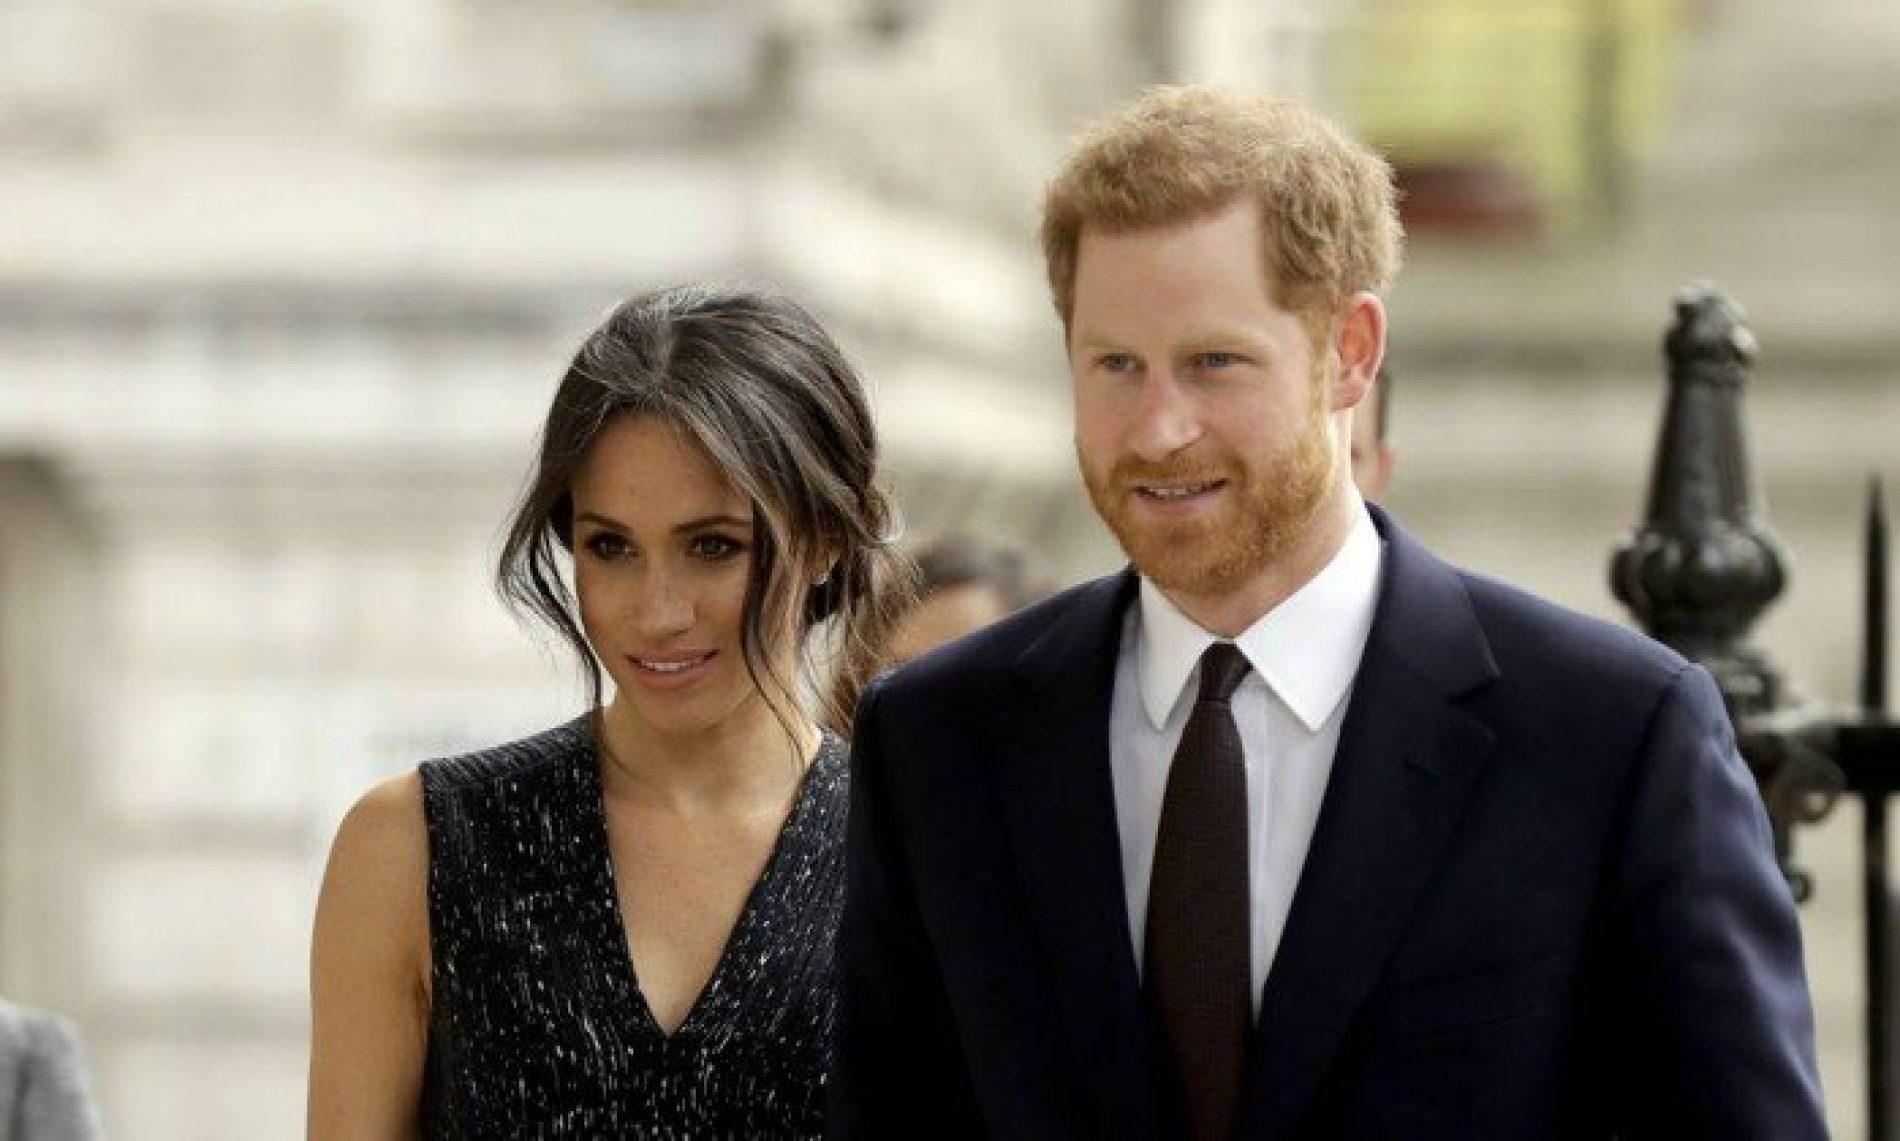 Príncipe Charles levará Meghan Markle ao altar